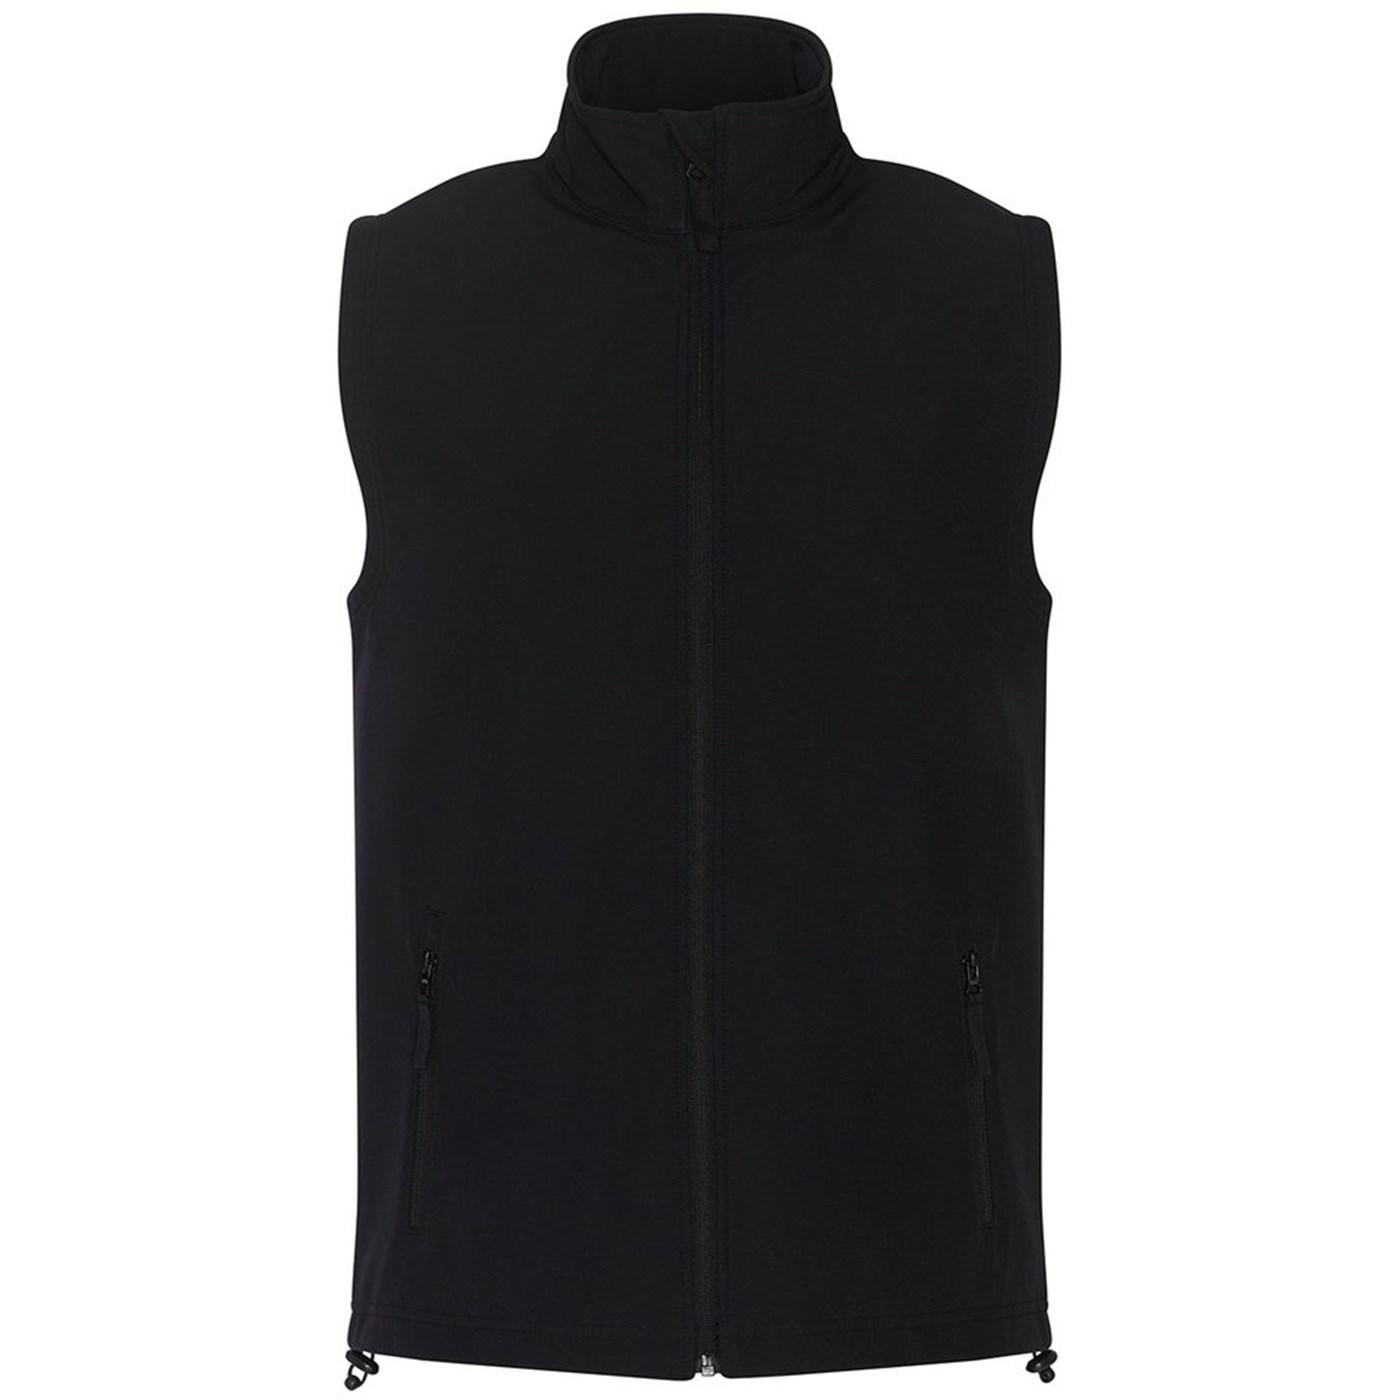 4XL Russell Men/'s Heavy Duty Work Outdoor Gilet Warm Winter Bodywarmer Vest XS